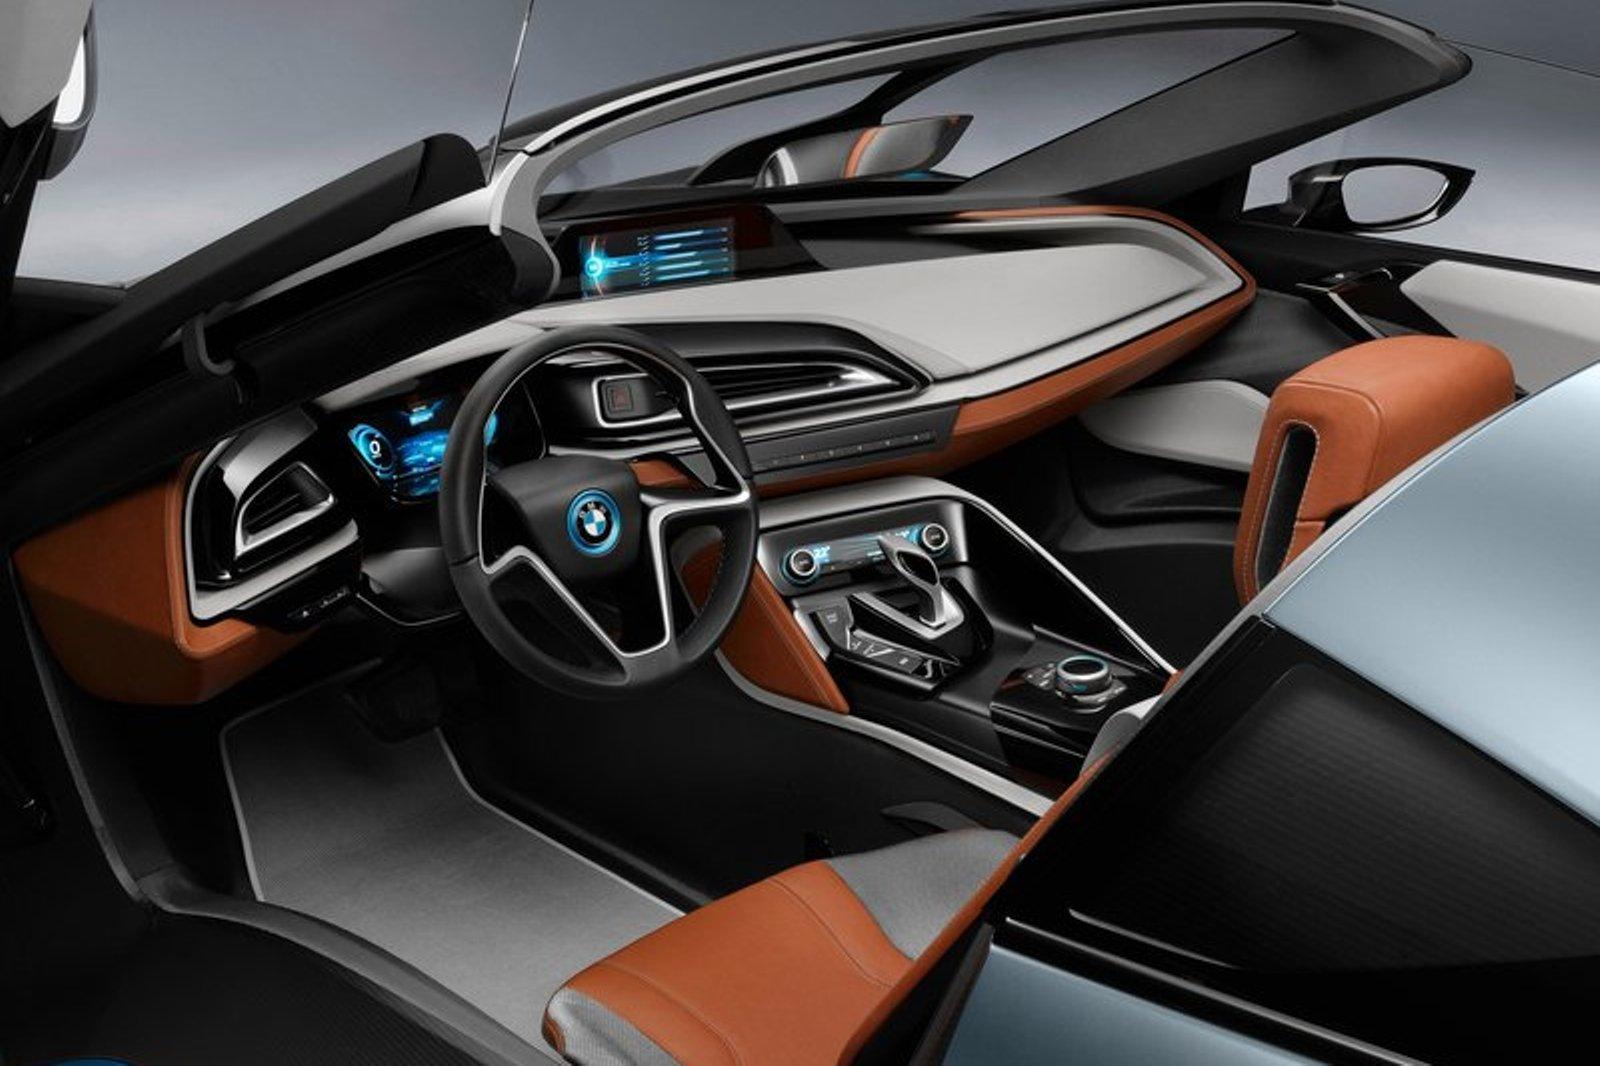 BMW C1 interior